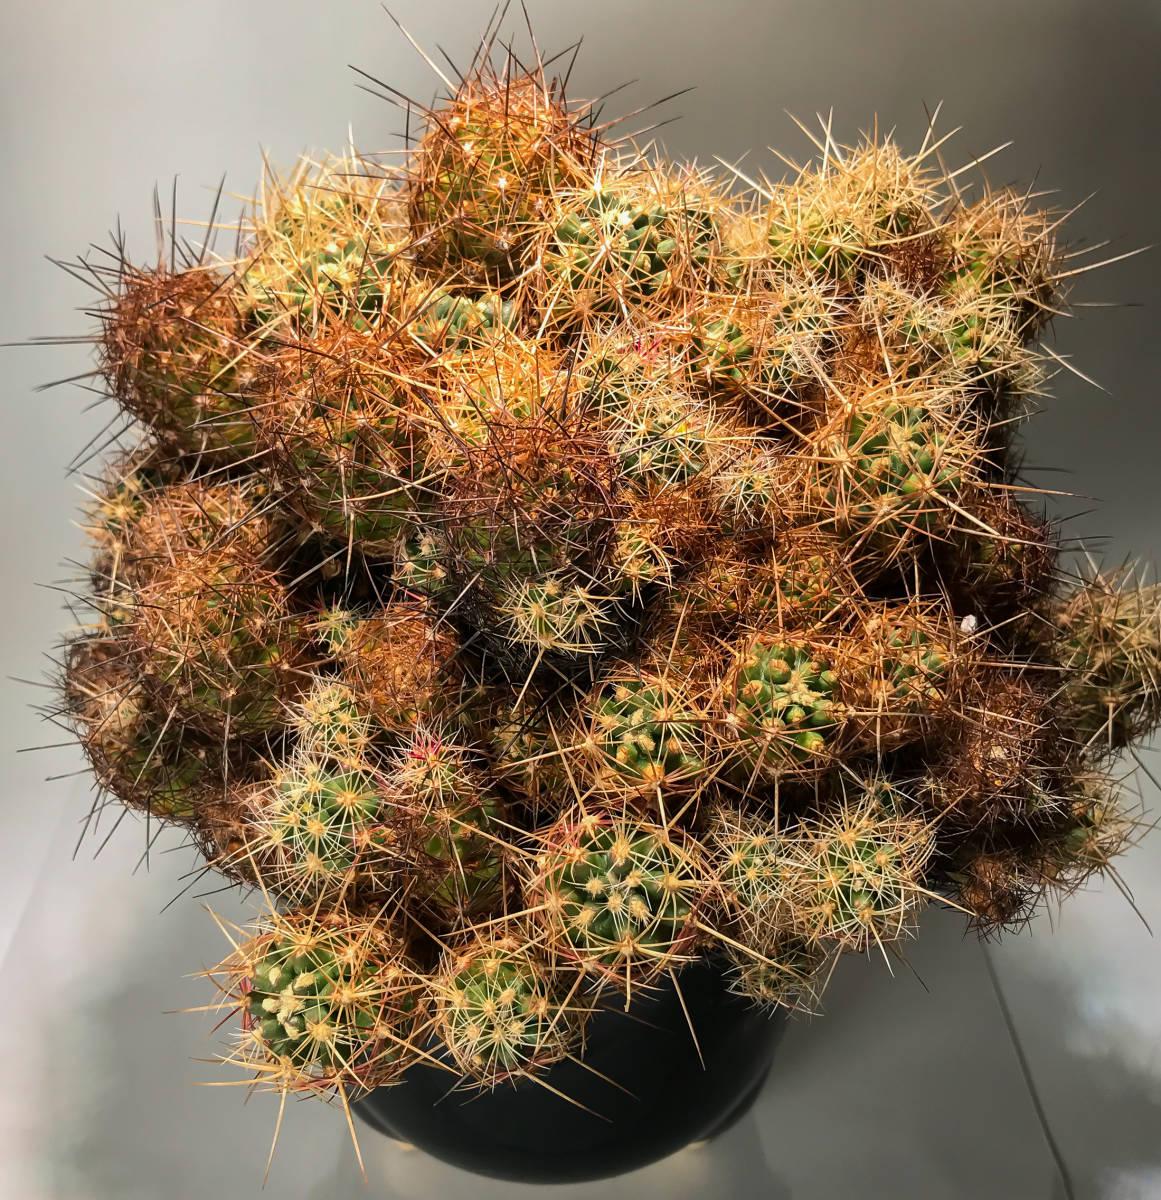 【テロカクタス 大統領 Tephrocactus 】サボテン コーデックス 塊根植物 多肉植物 パキポディウム_画像4